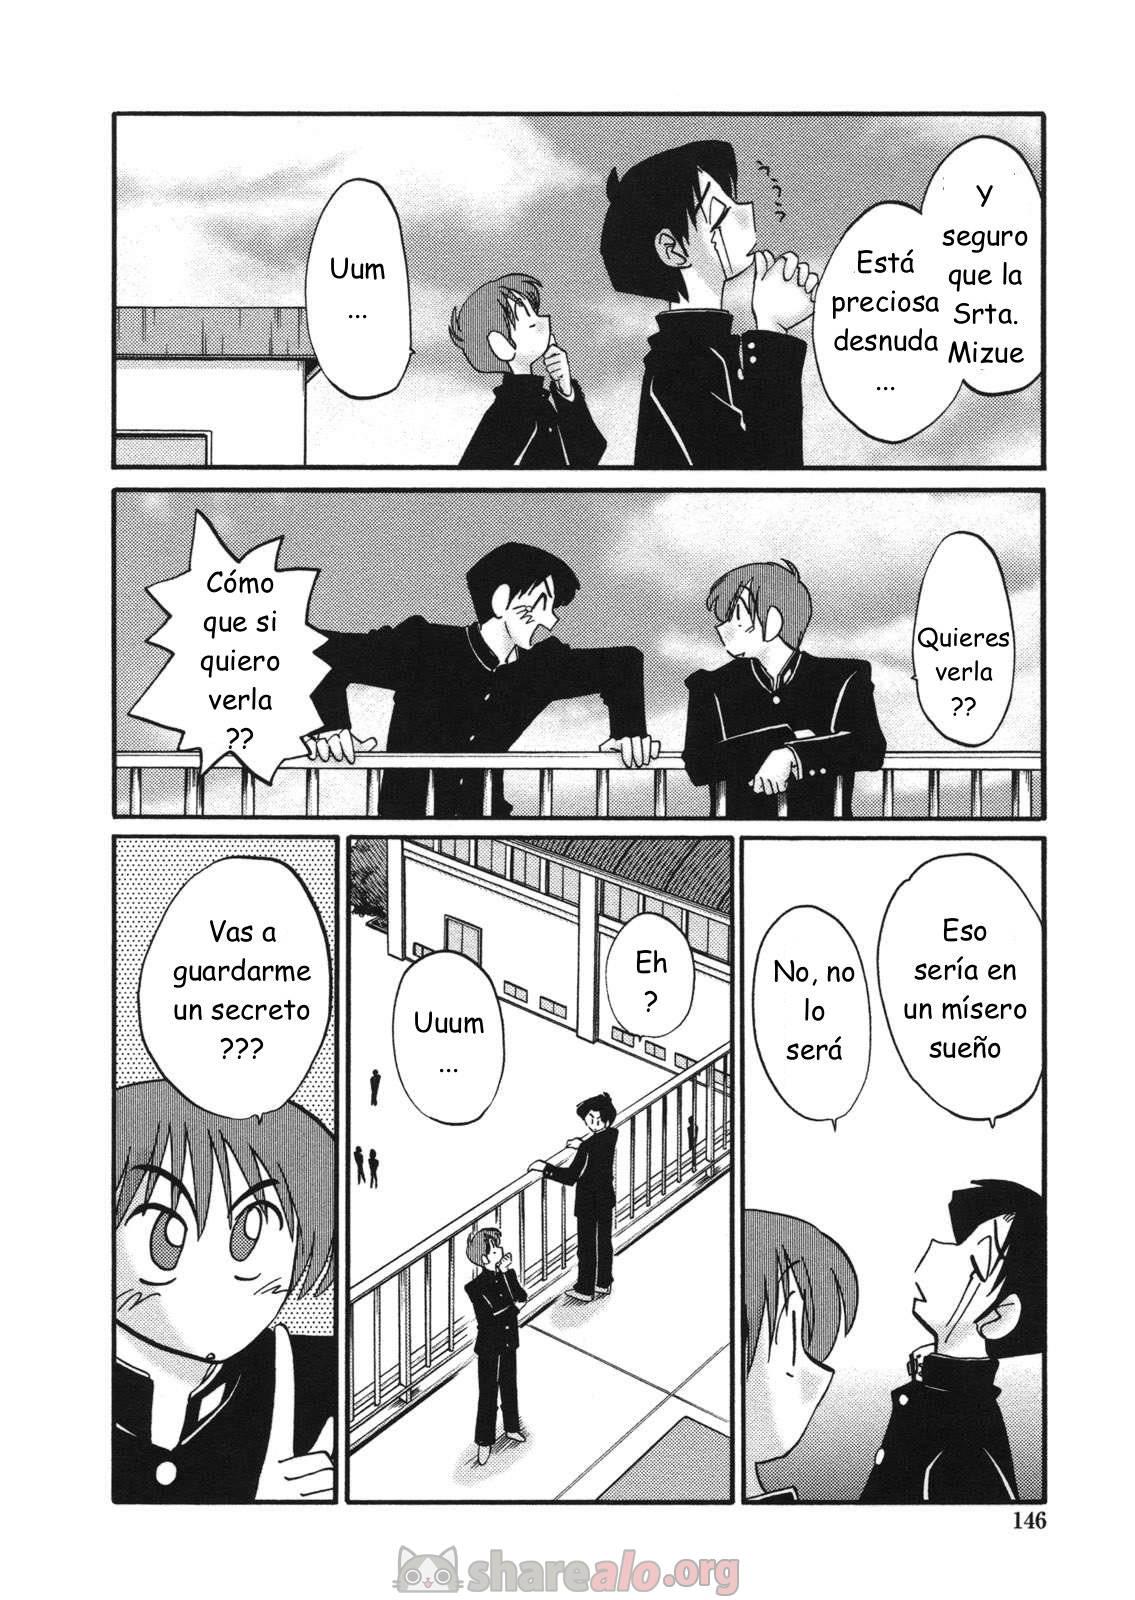 [ Boku no Aijin Manga Hentai de TsuyaTsuya ]: Comics Porno Manga Hentai [ 4Q8eUjjm ]